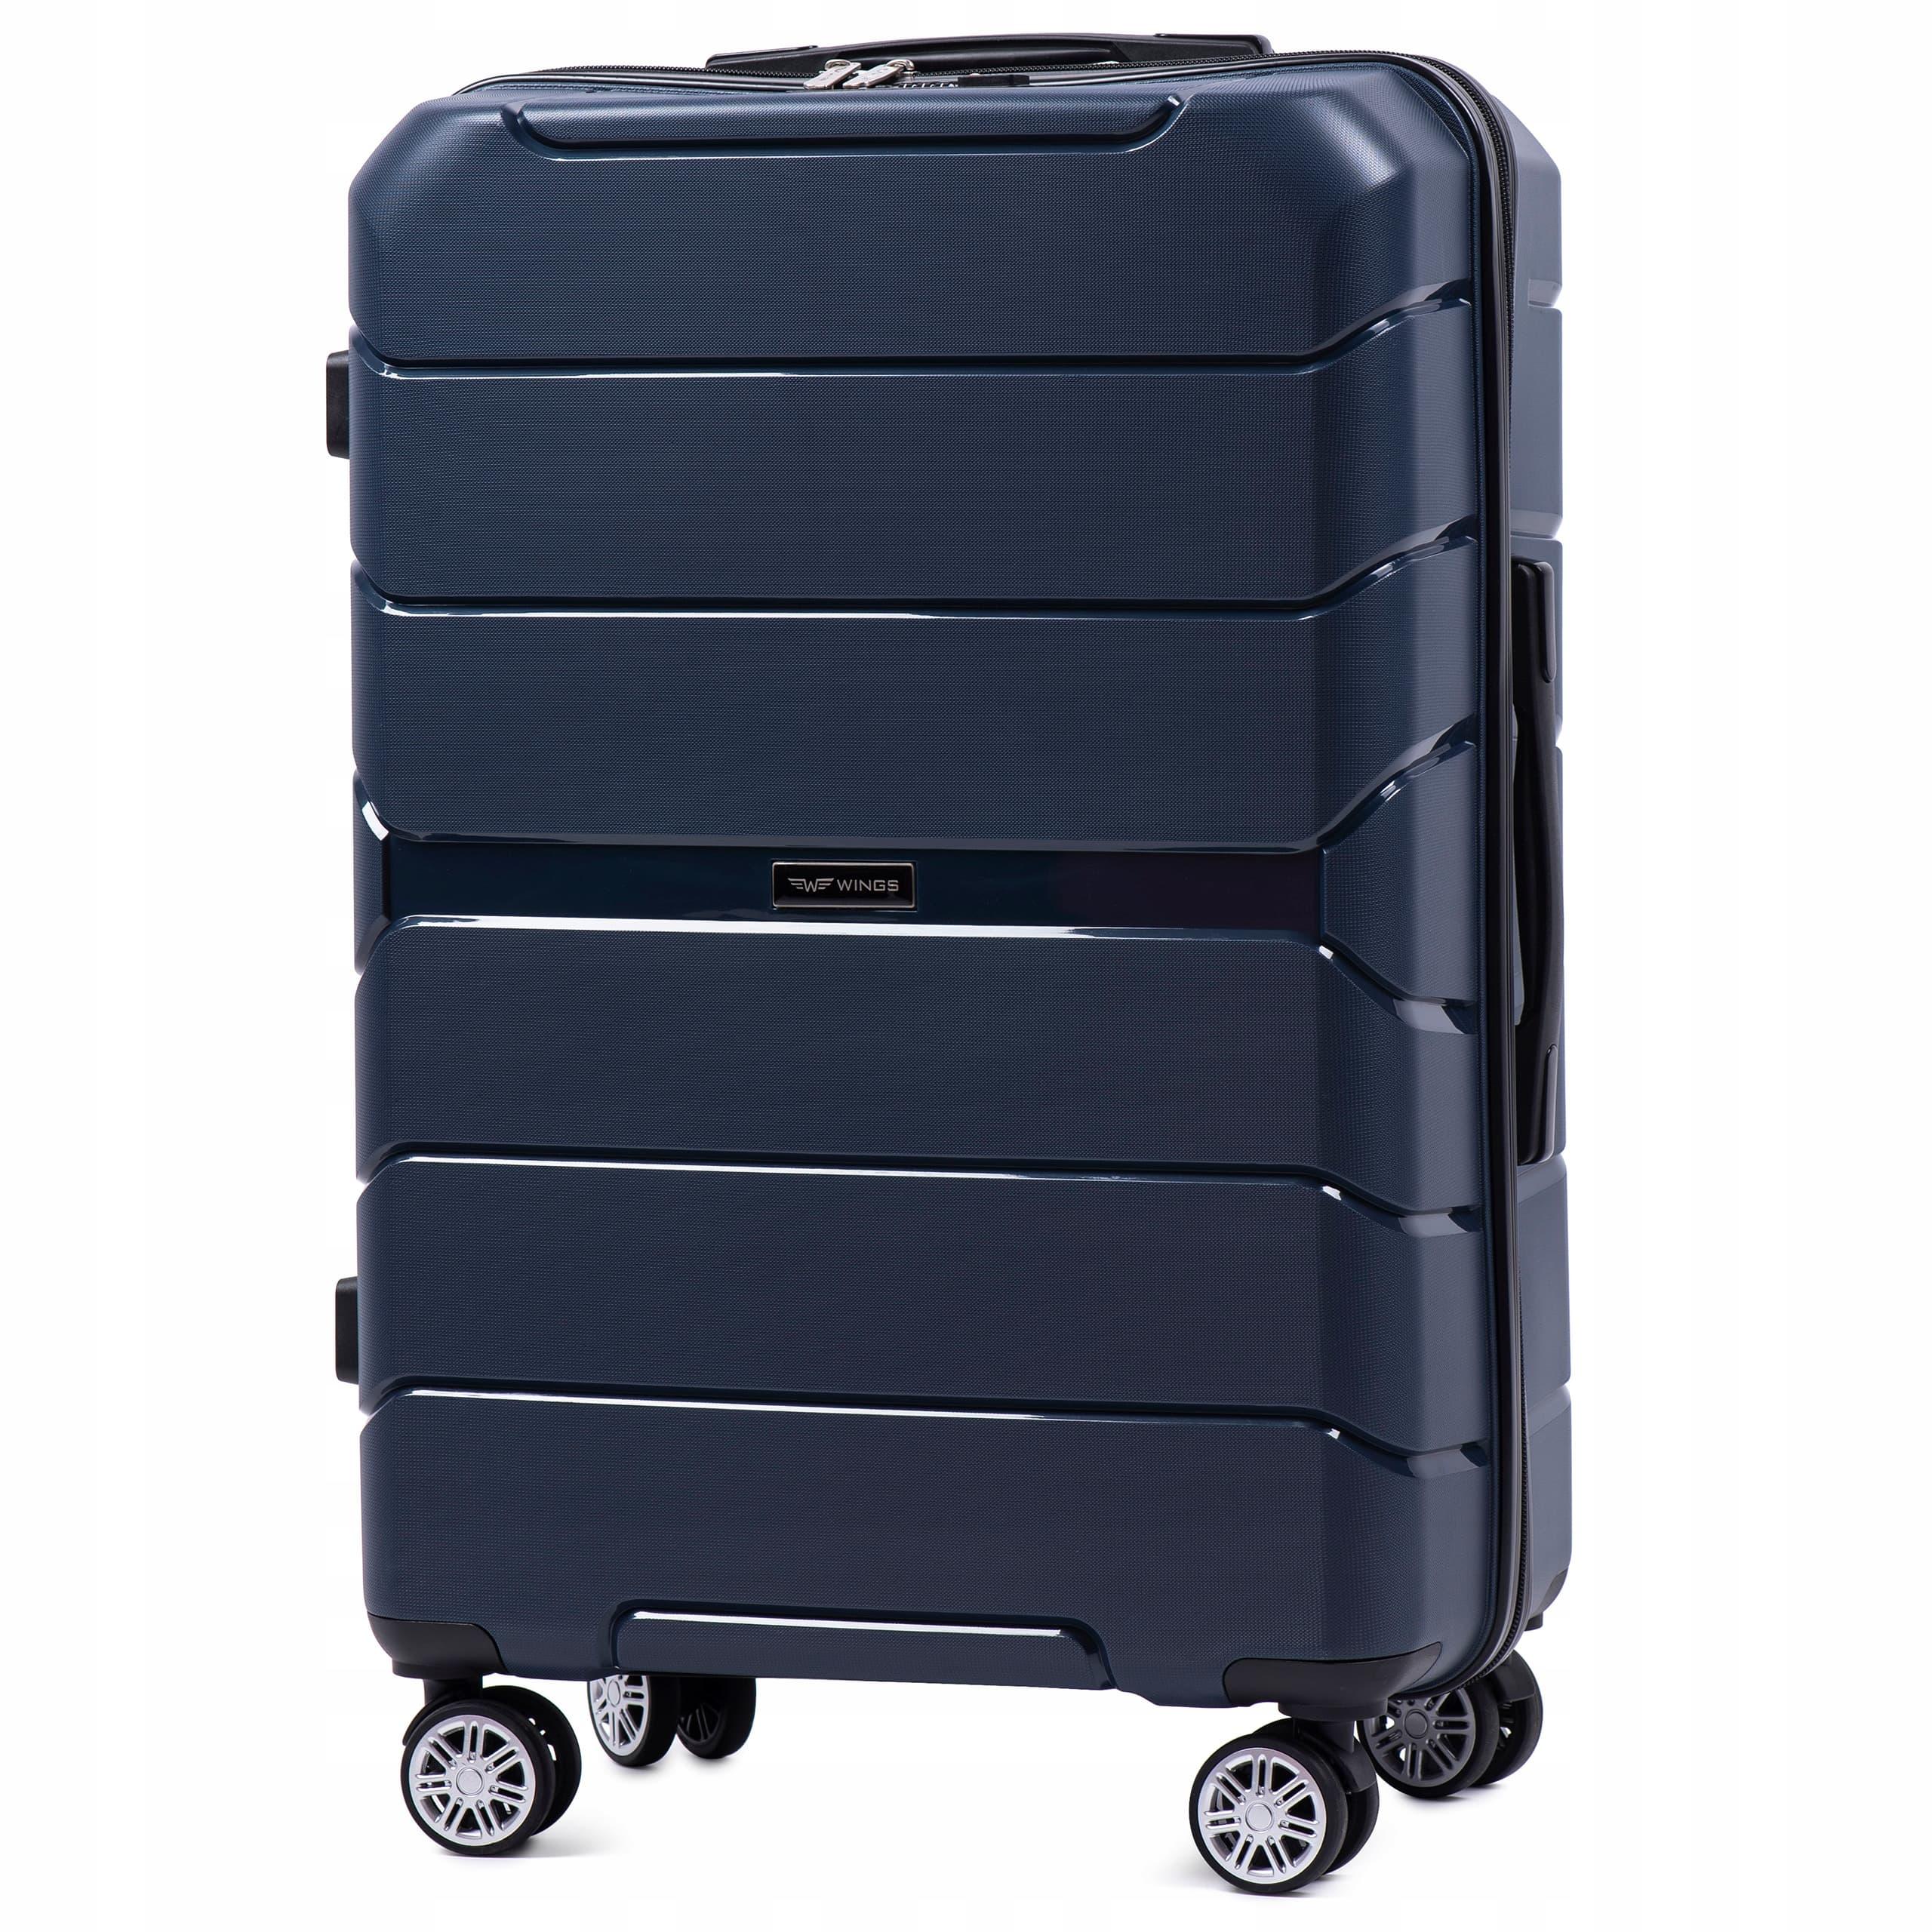 Чемодан средний из полипропилена на 4-х колесах  WINGS PP-05 M BLUE Для багажа,до 18 кг